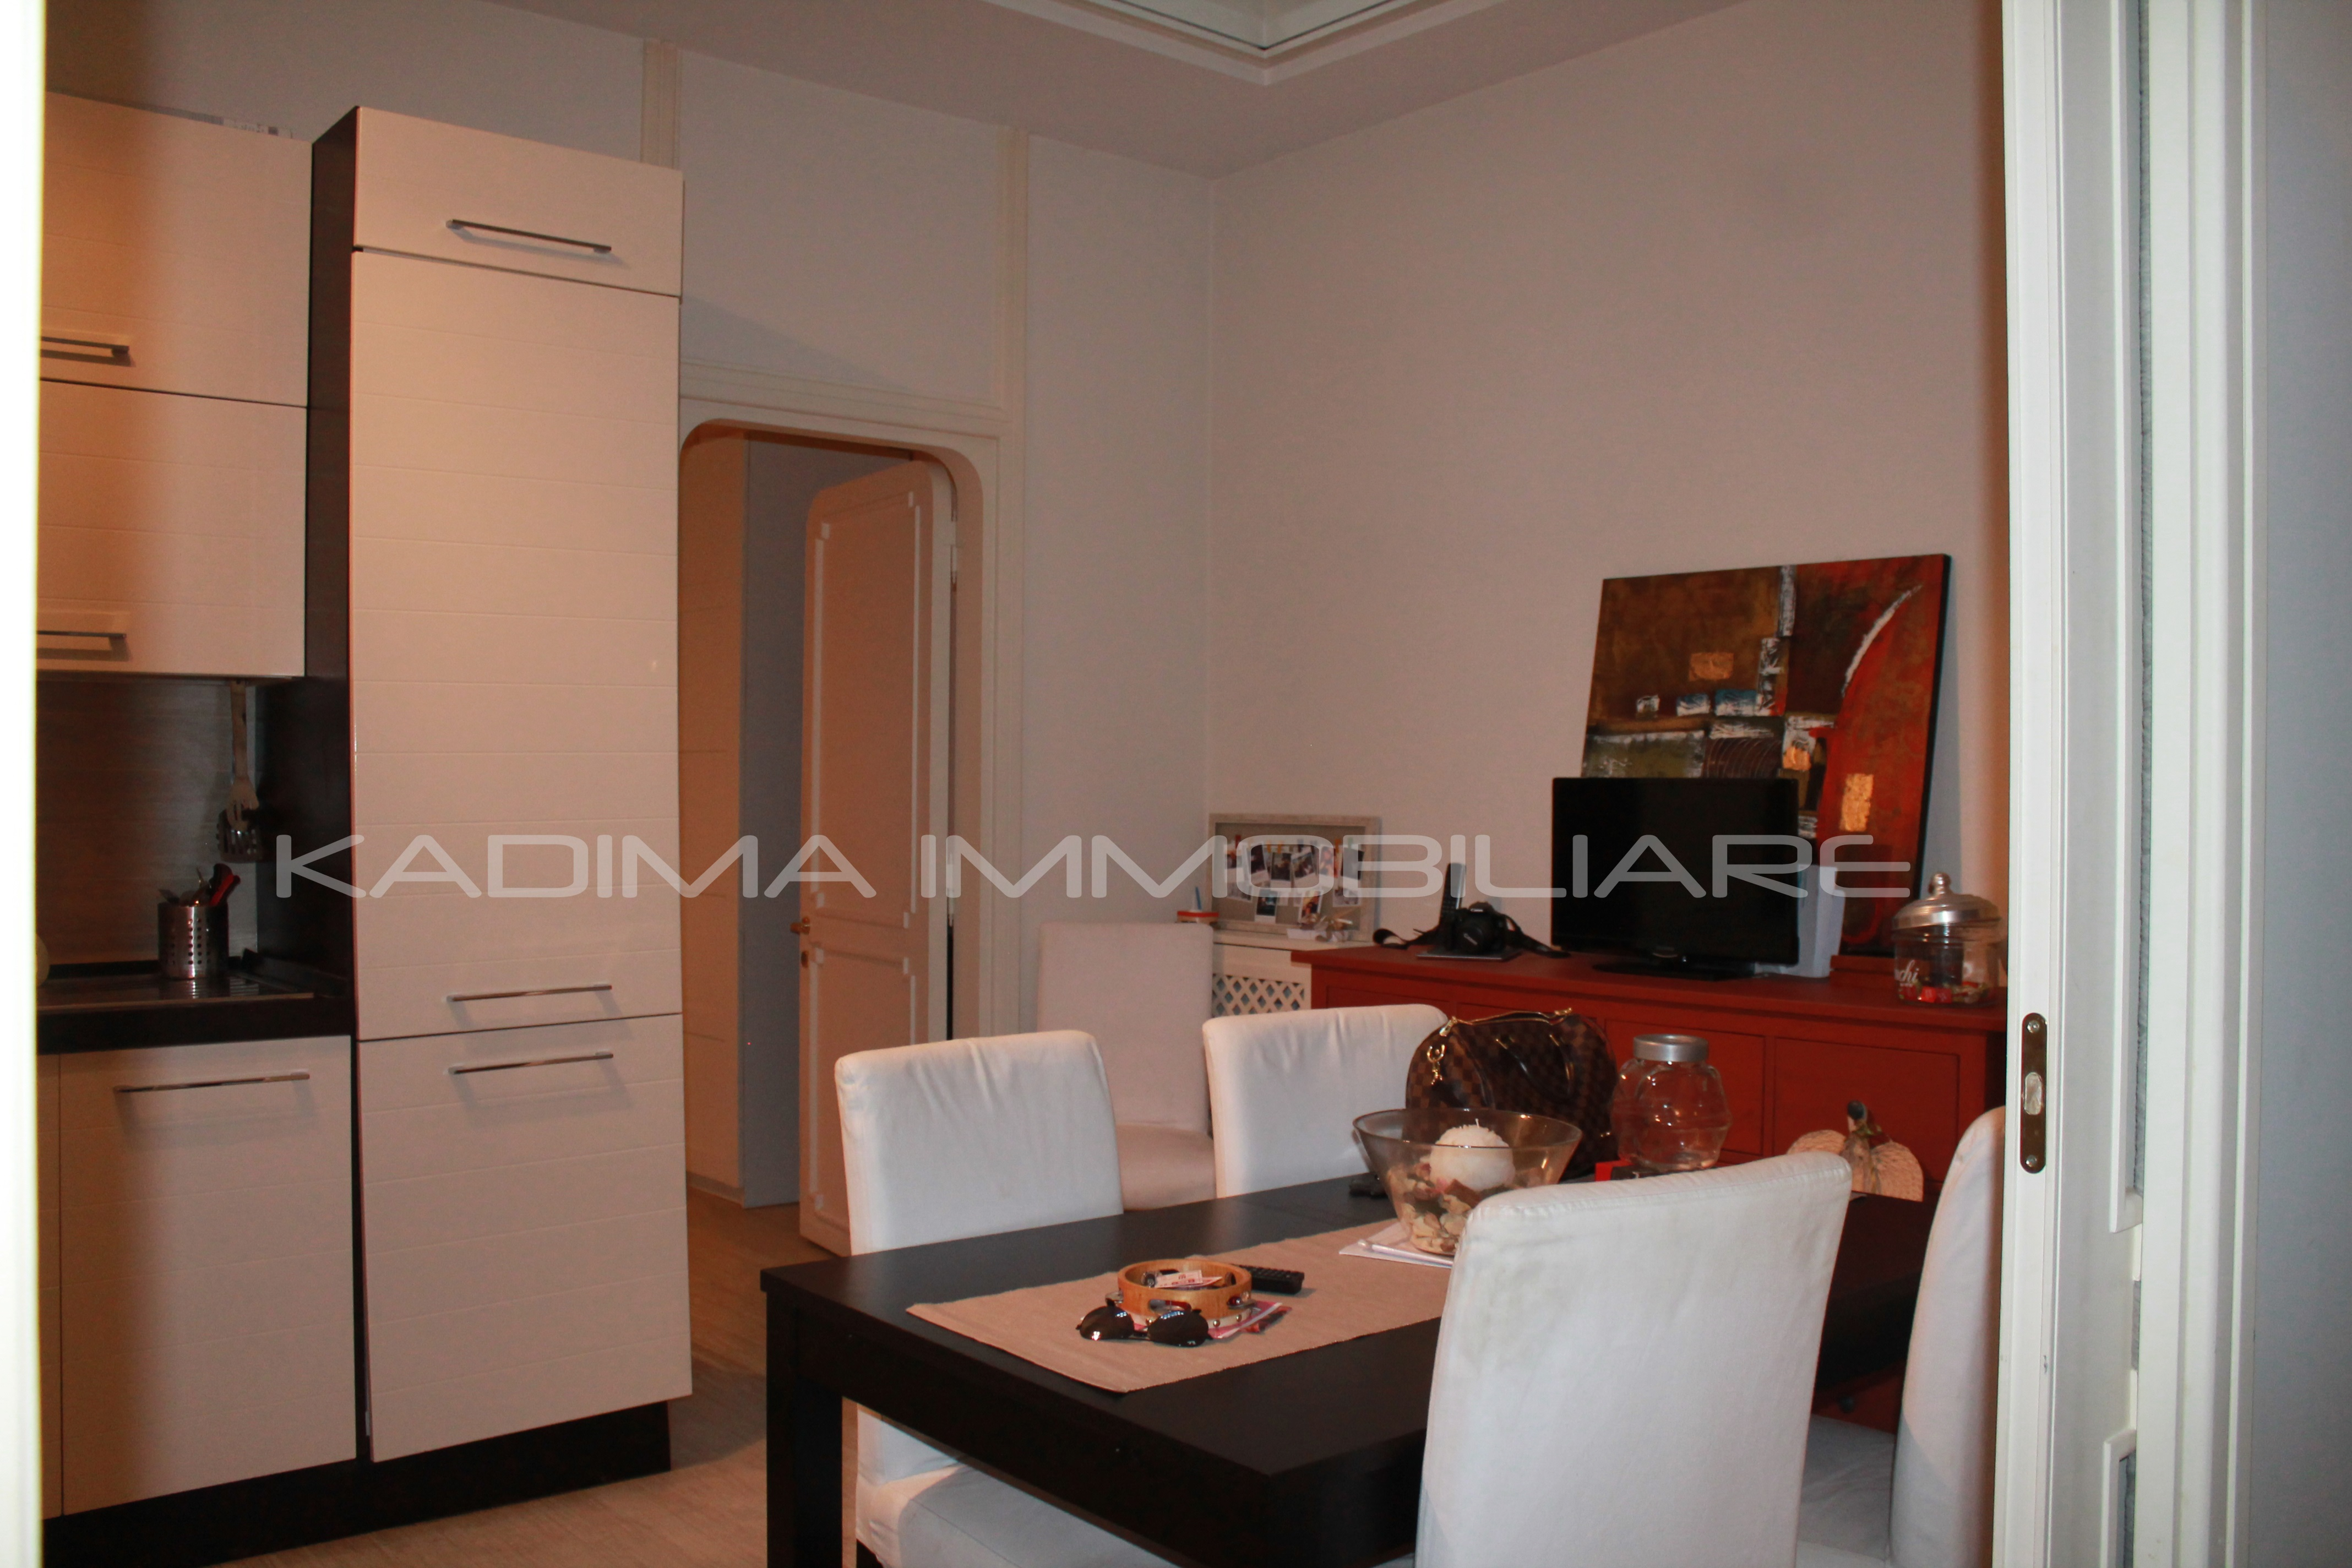 Appartamento zona Castro Pretorio